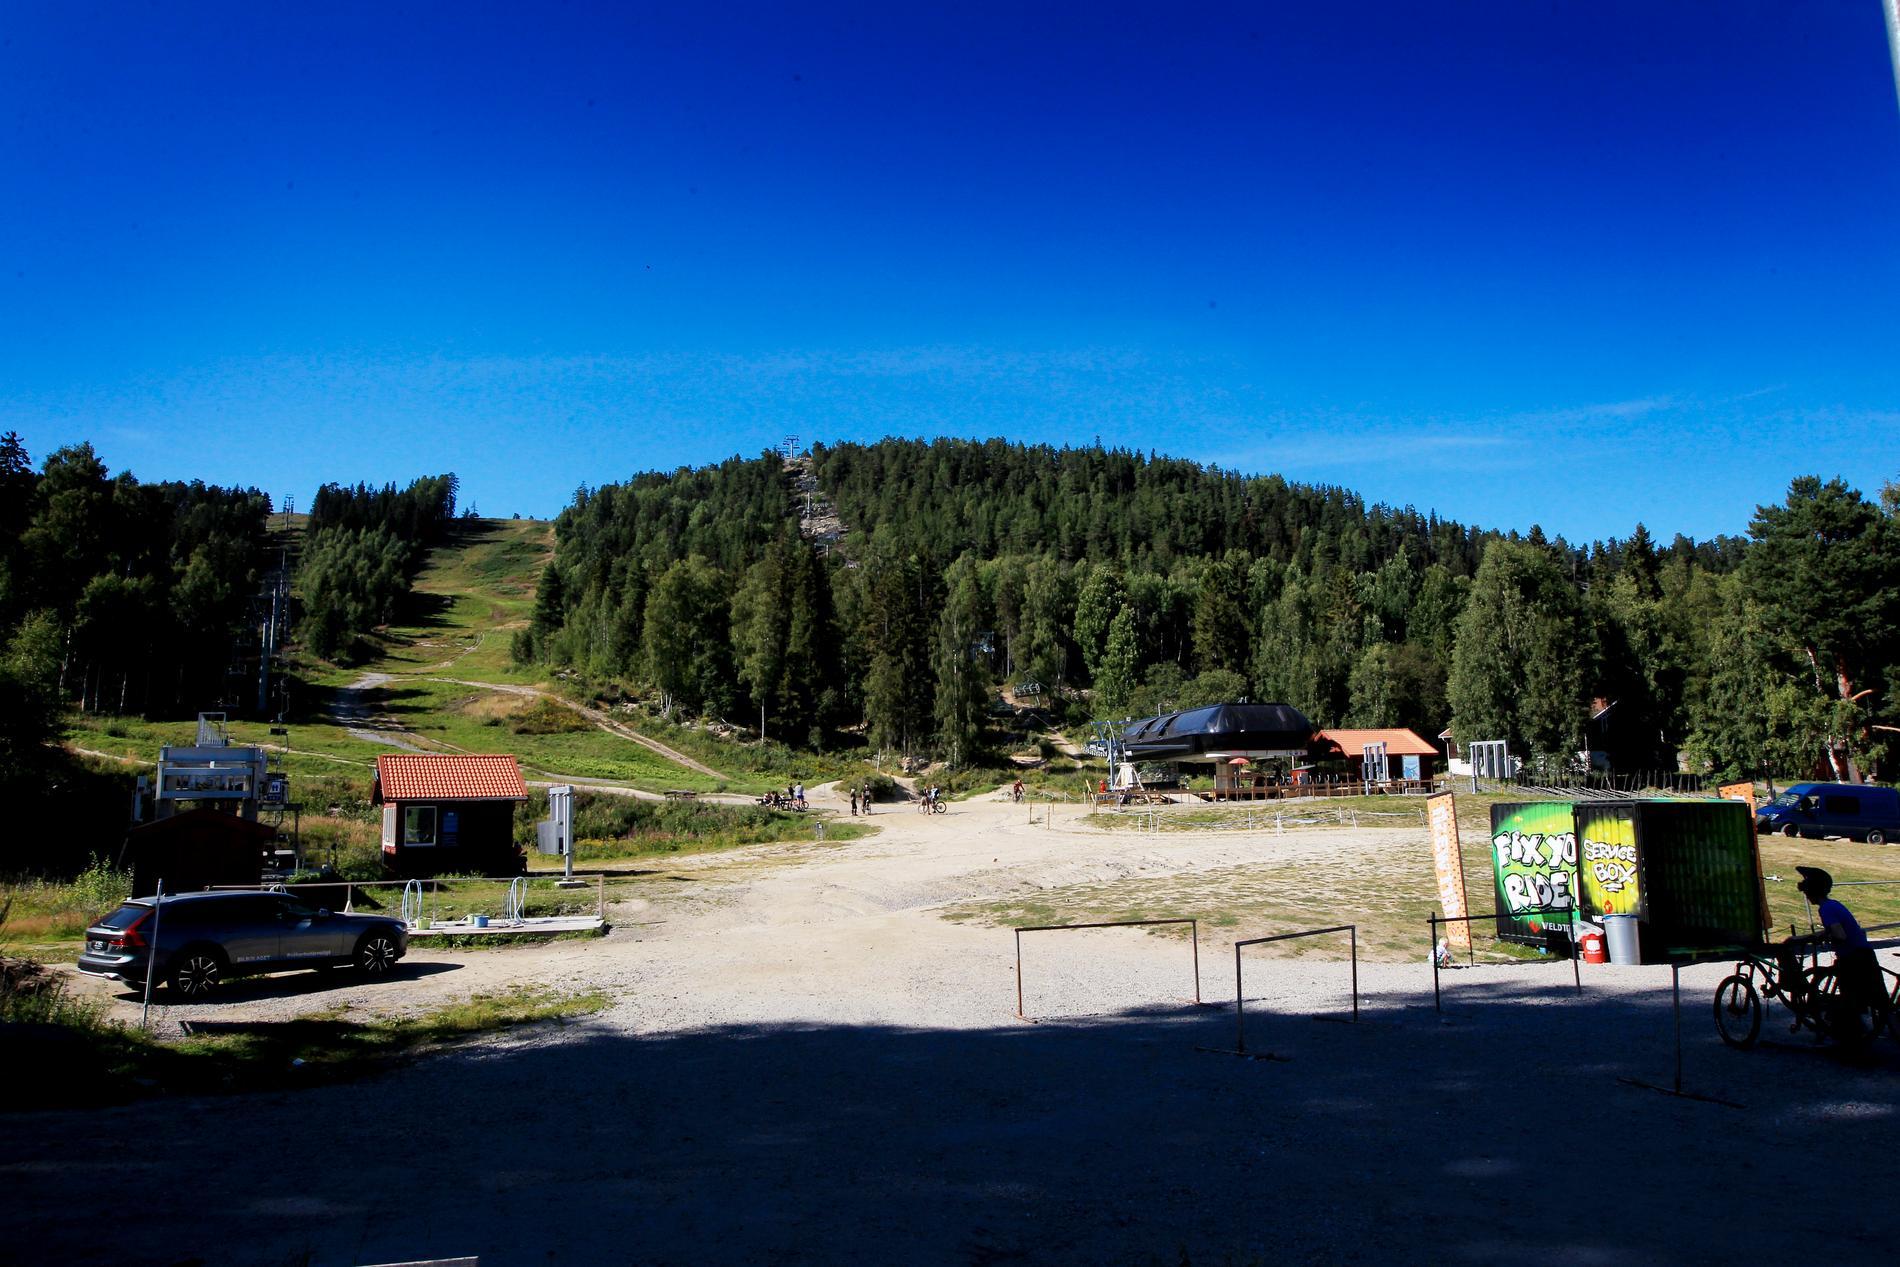 Järvsö bergscykelpark.